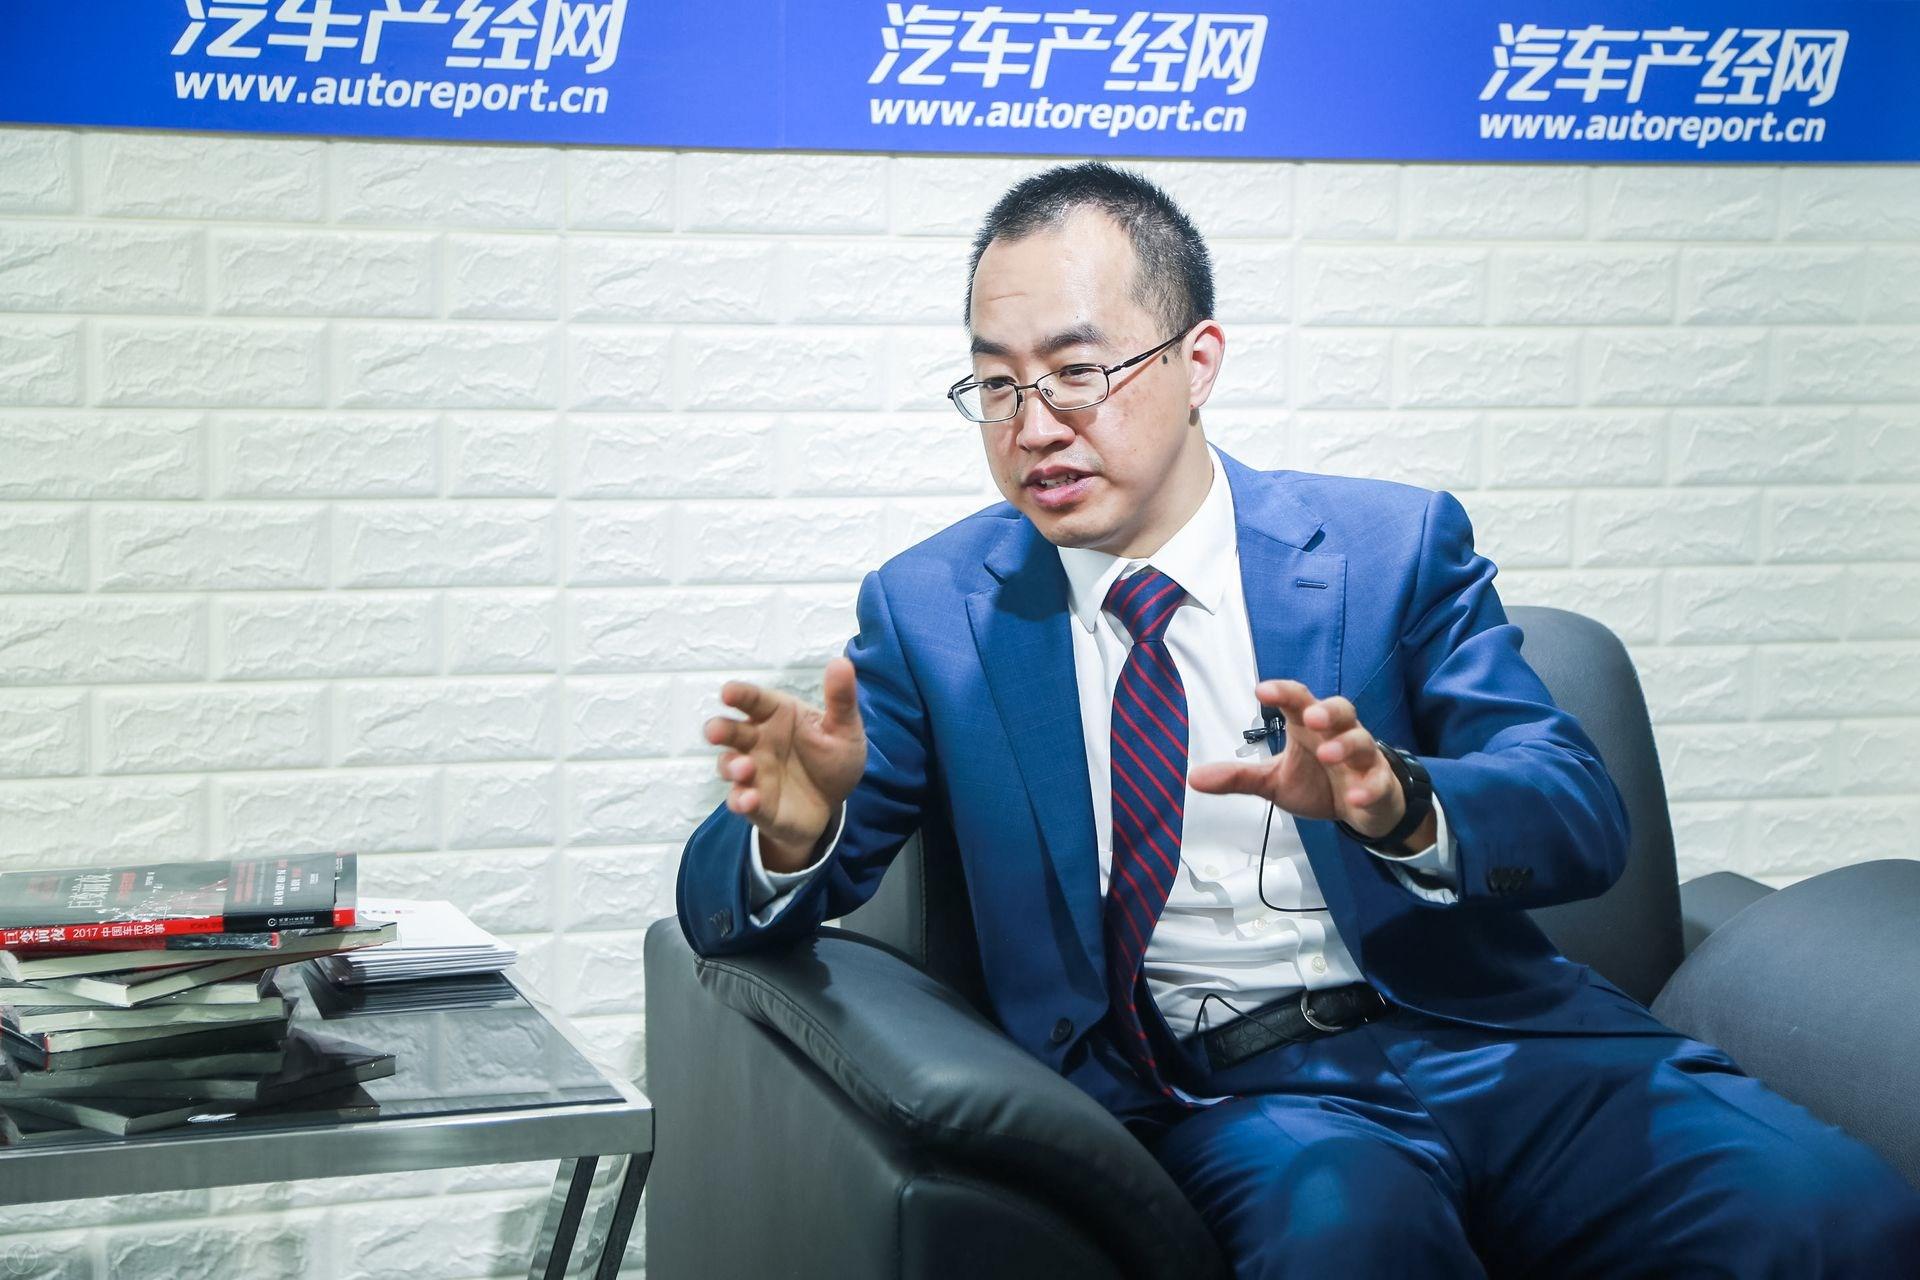 曹振宇:长安福特2025年全系产品实现电气化